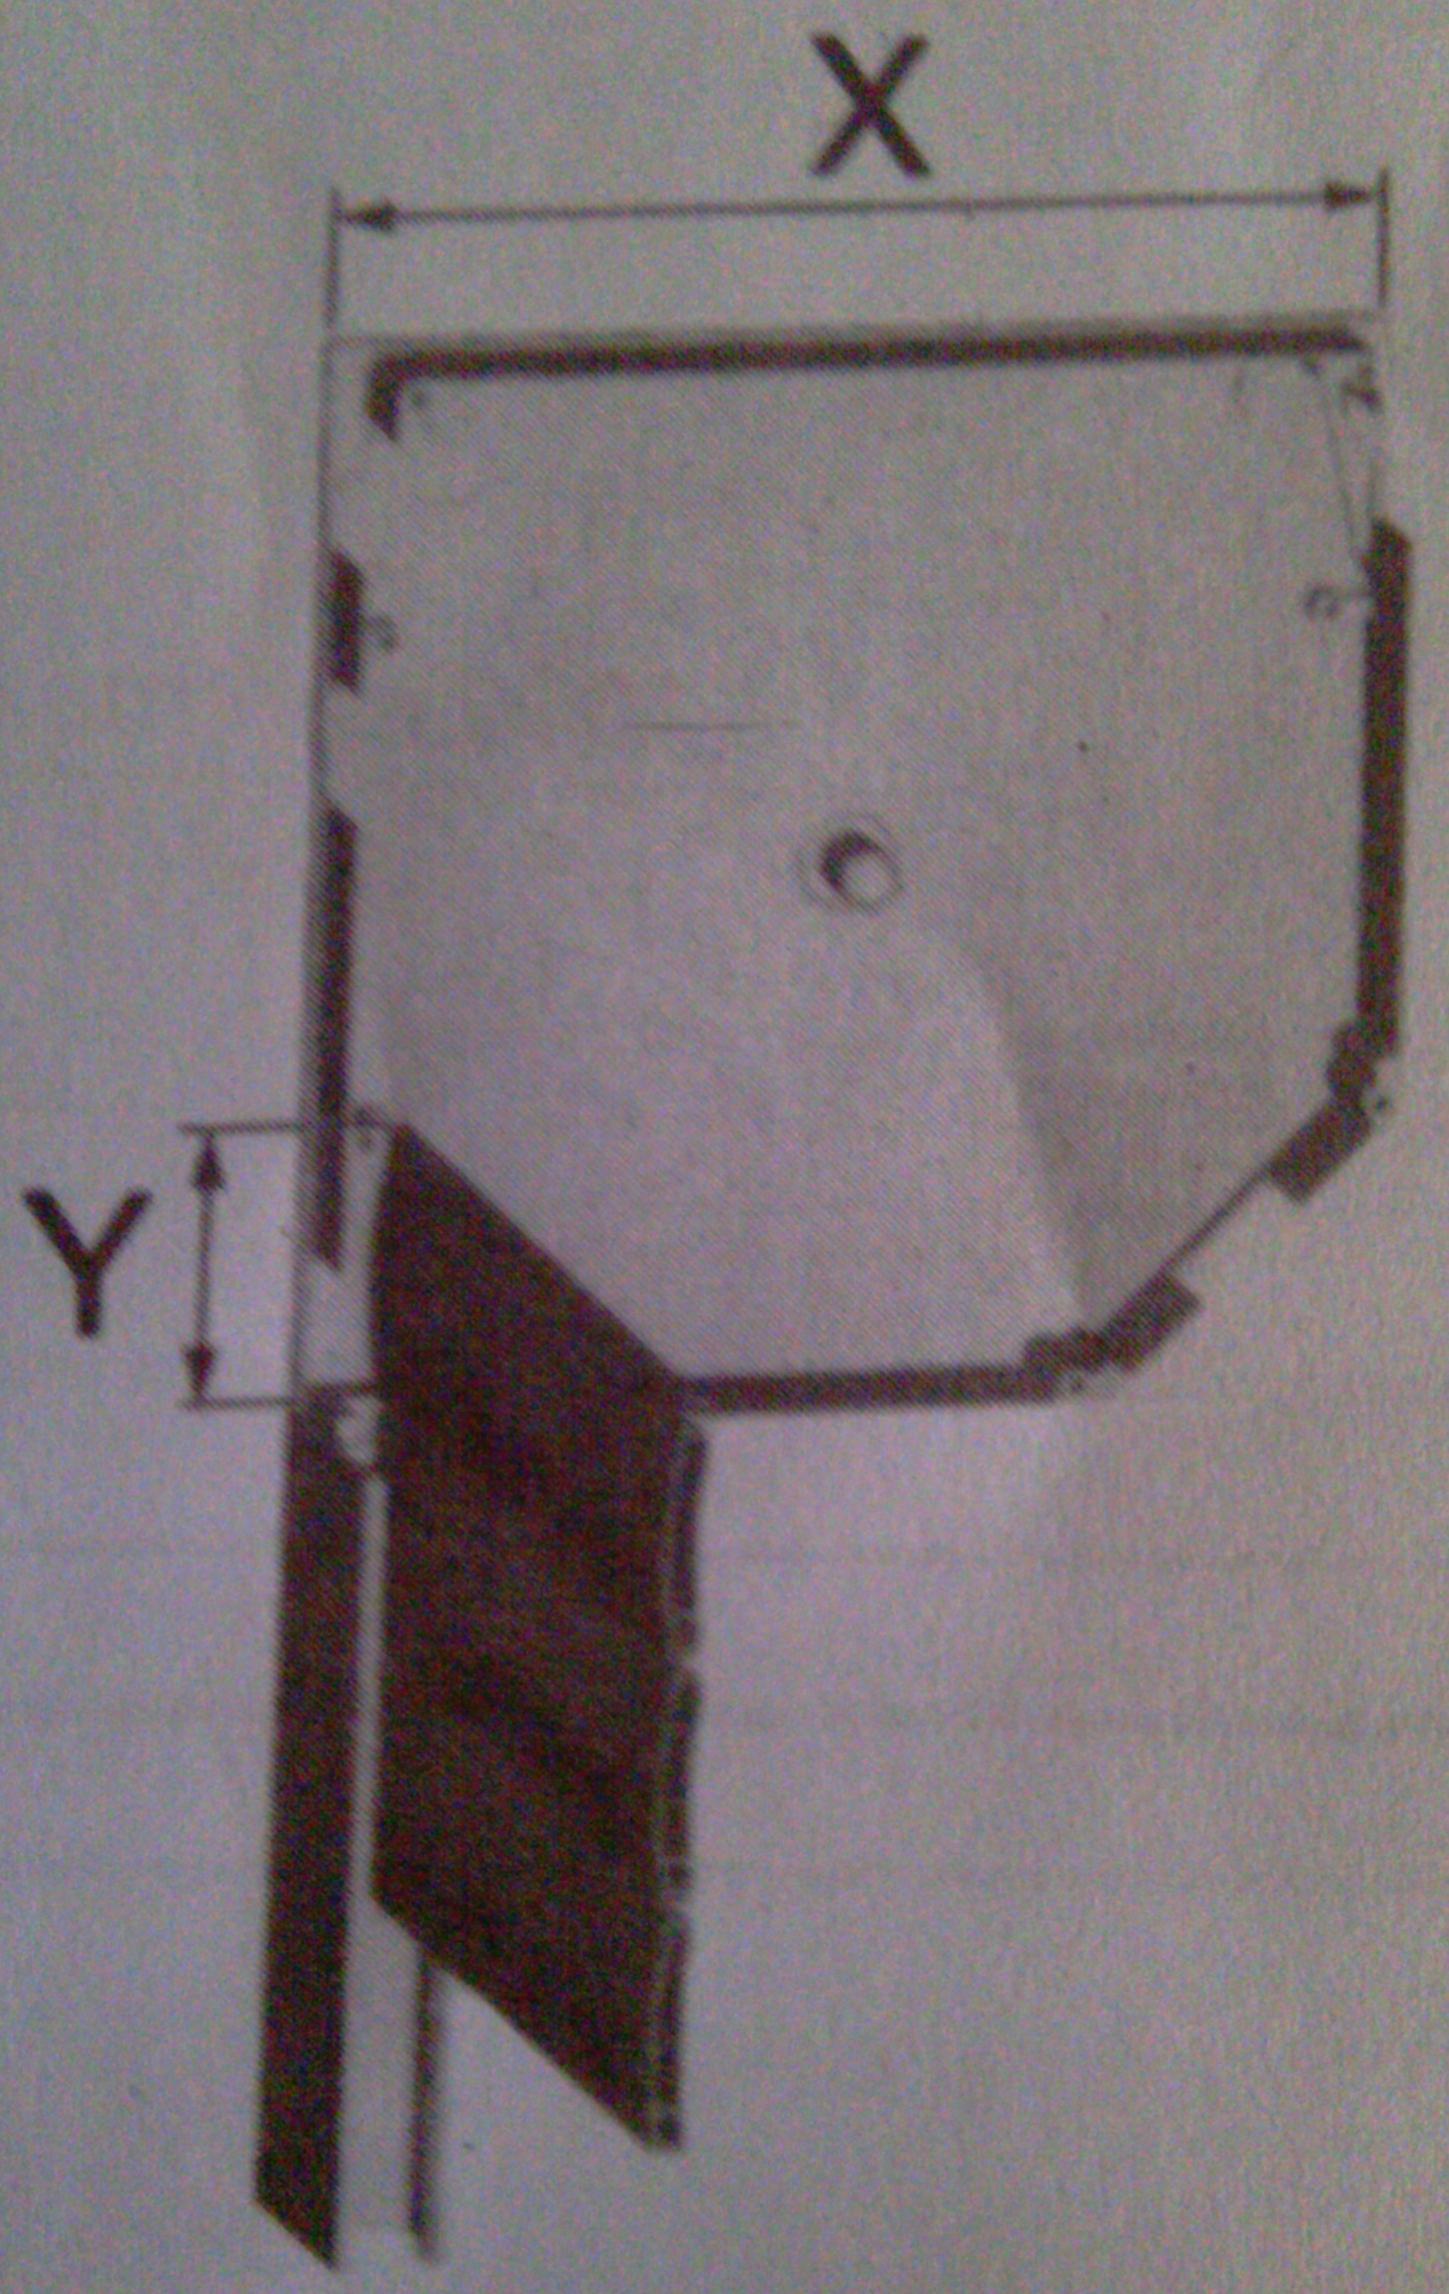 Volet roulant electrique somfy reglage fin de course for Volet electrique